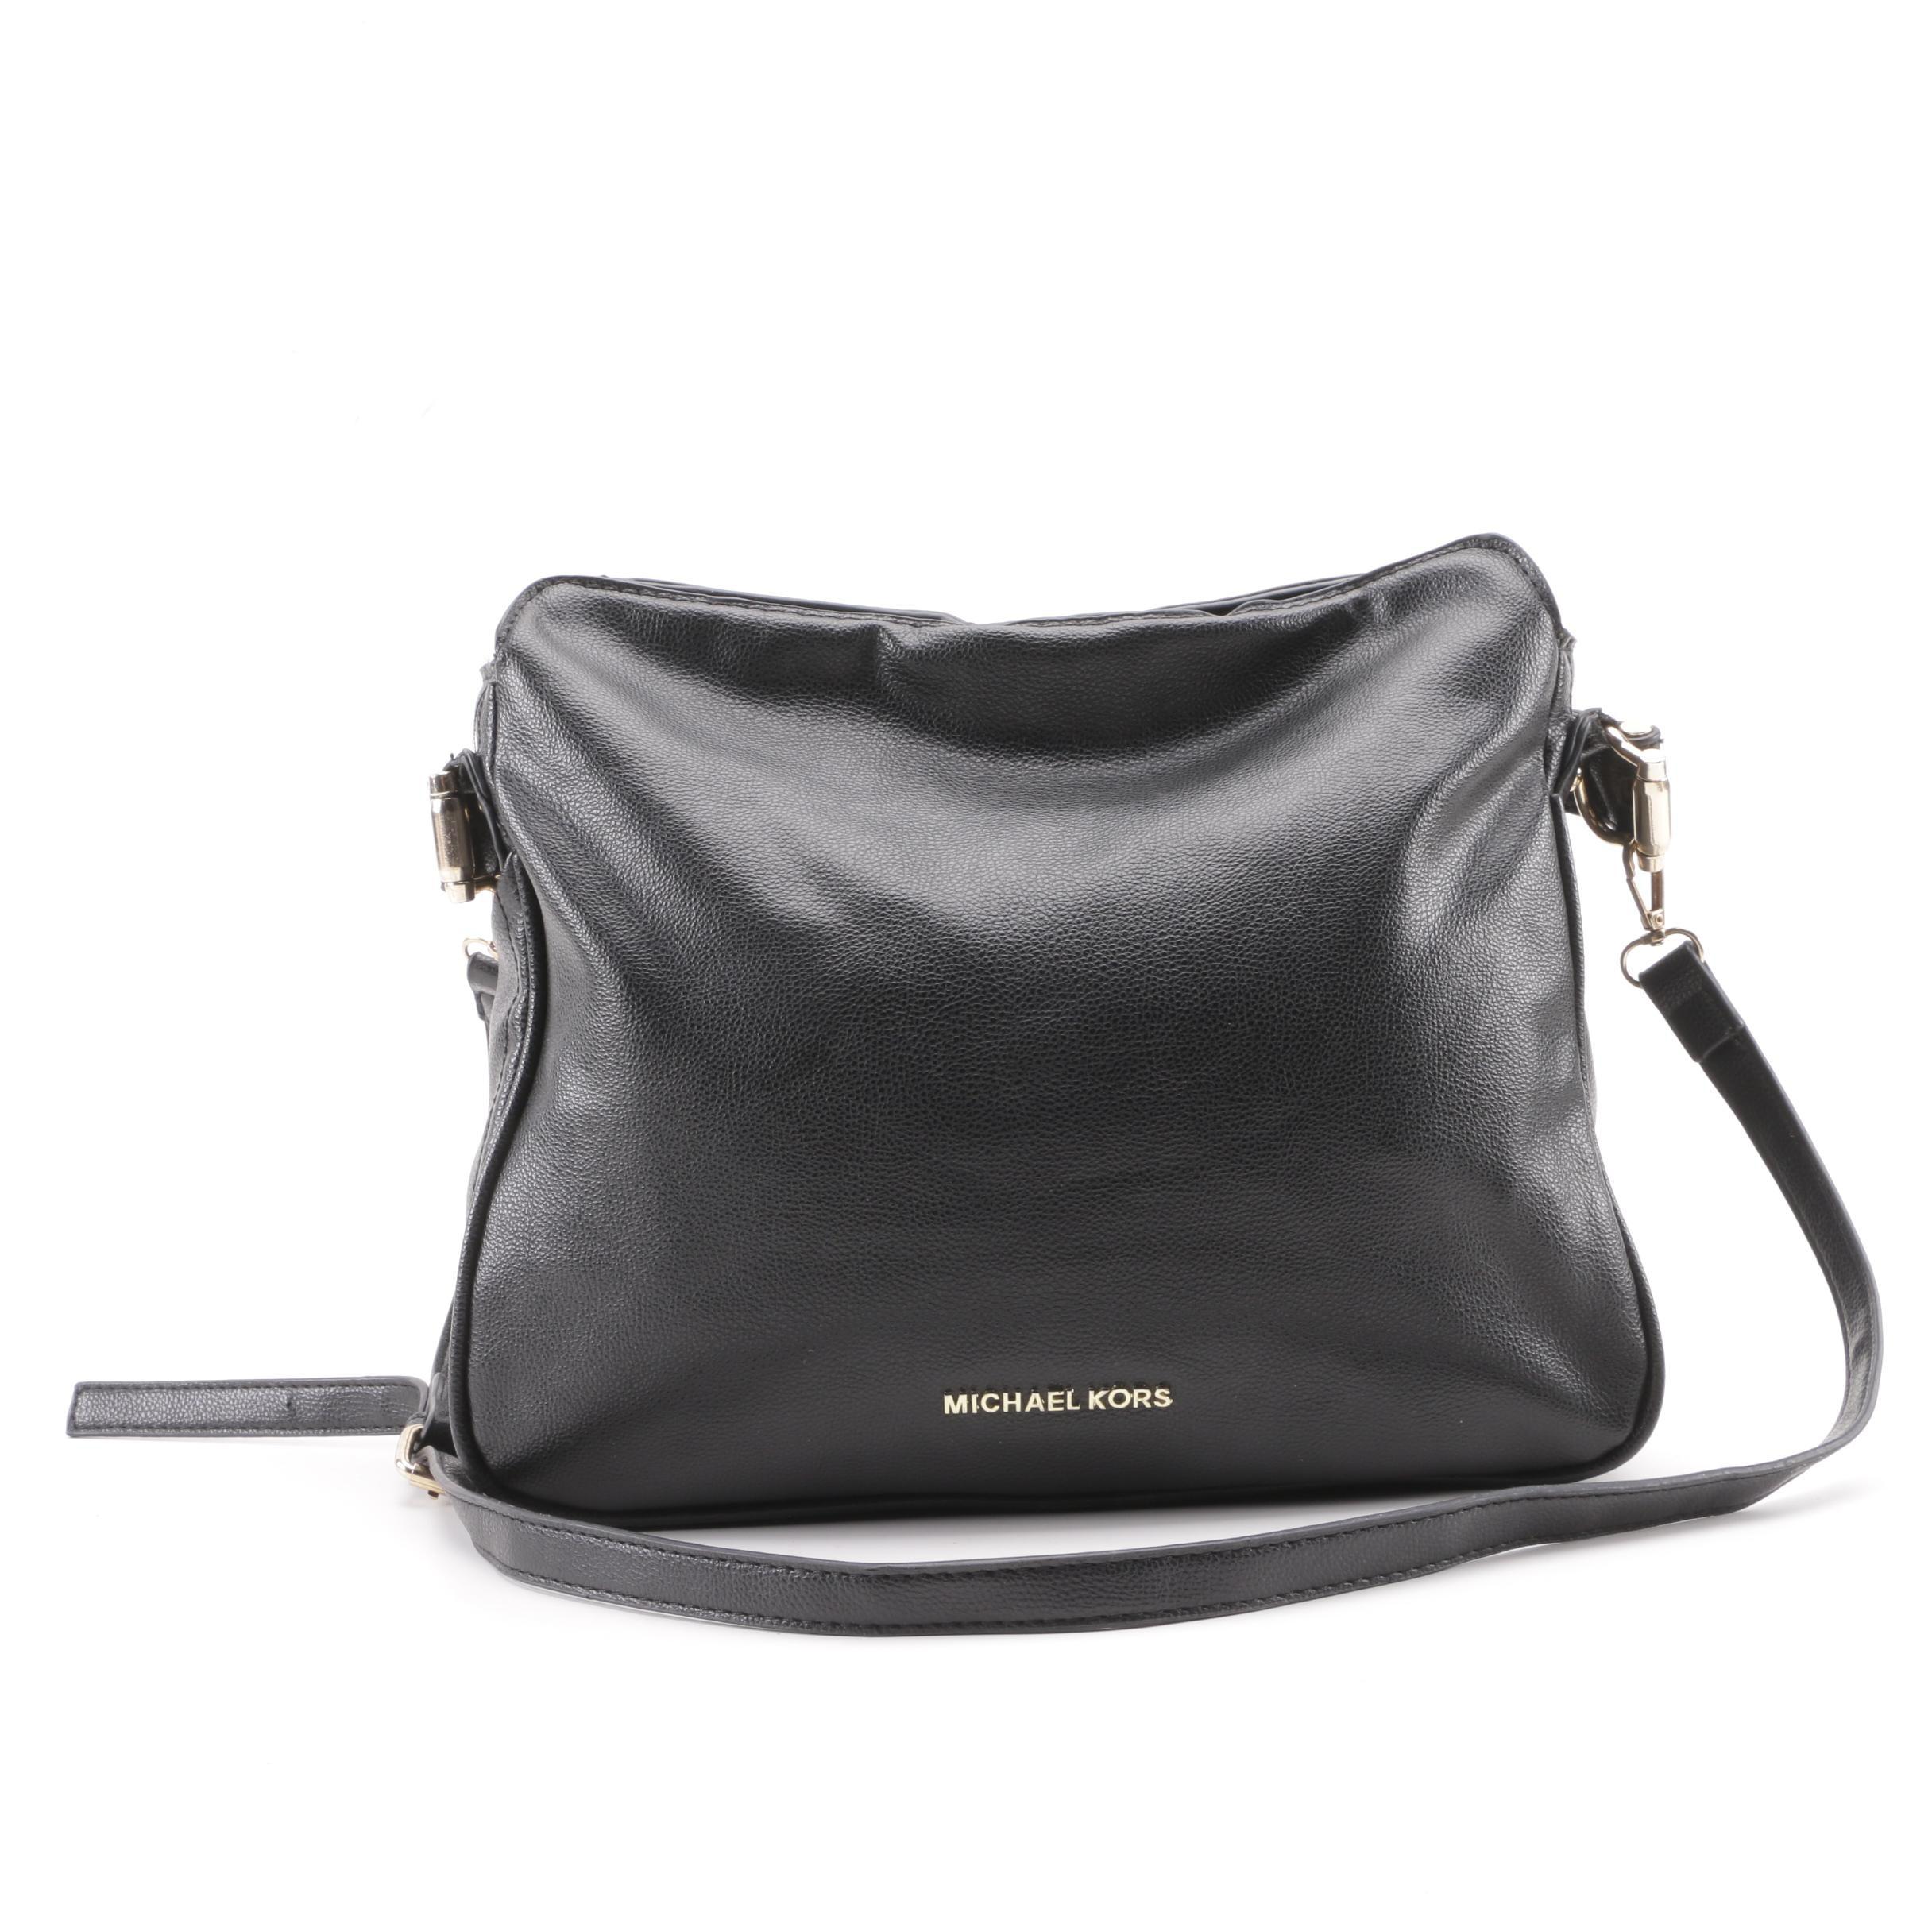 MK Michael Kors Black Leather Shoulder Bag